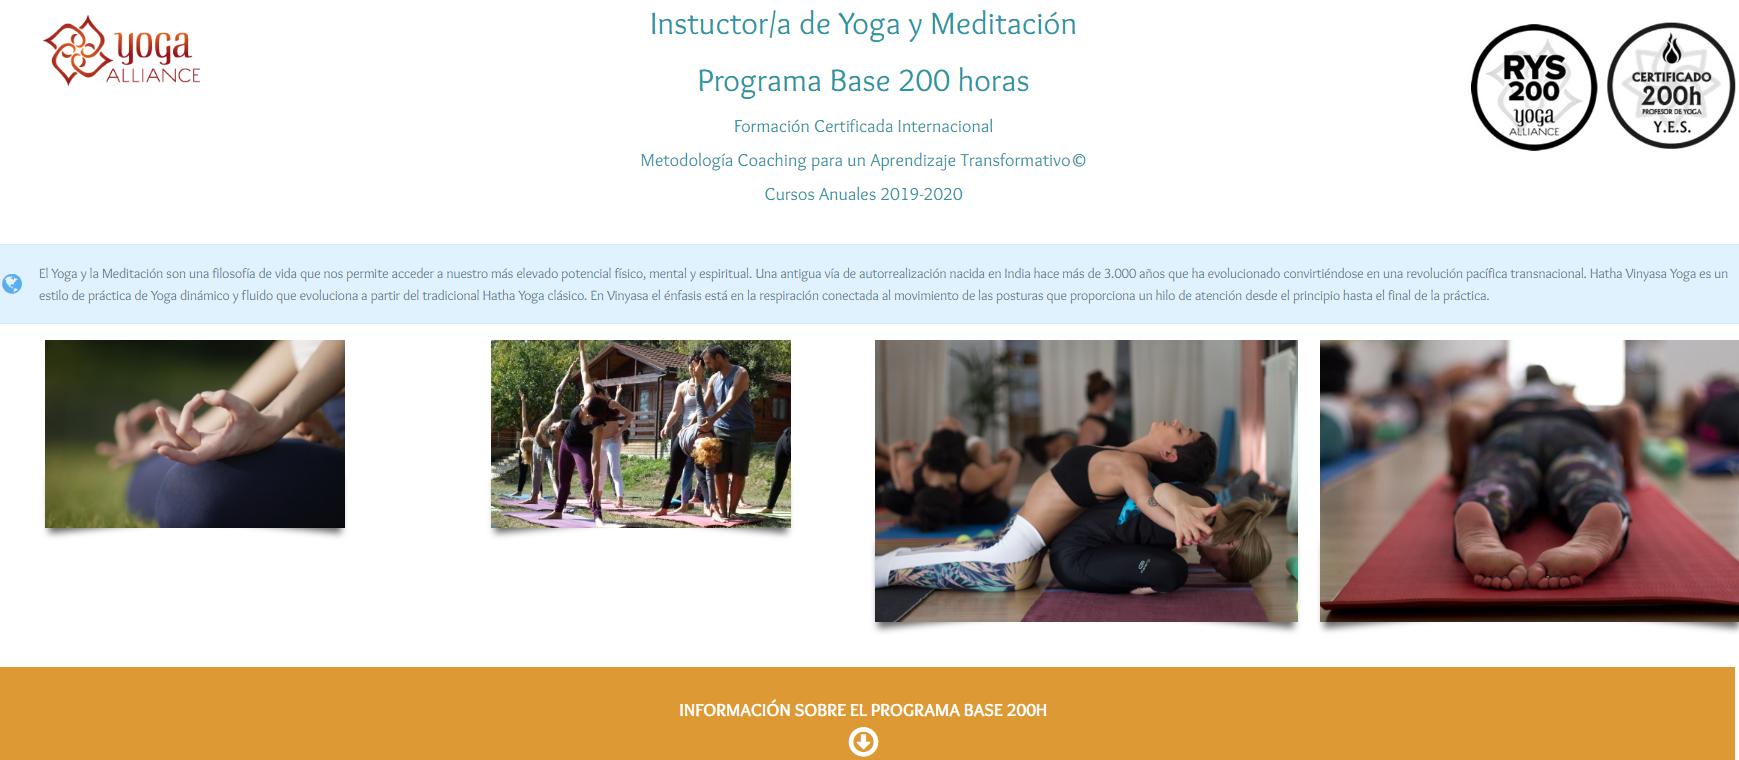 Profesor Instructor de yoga en Almendralejo